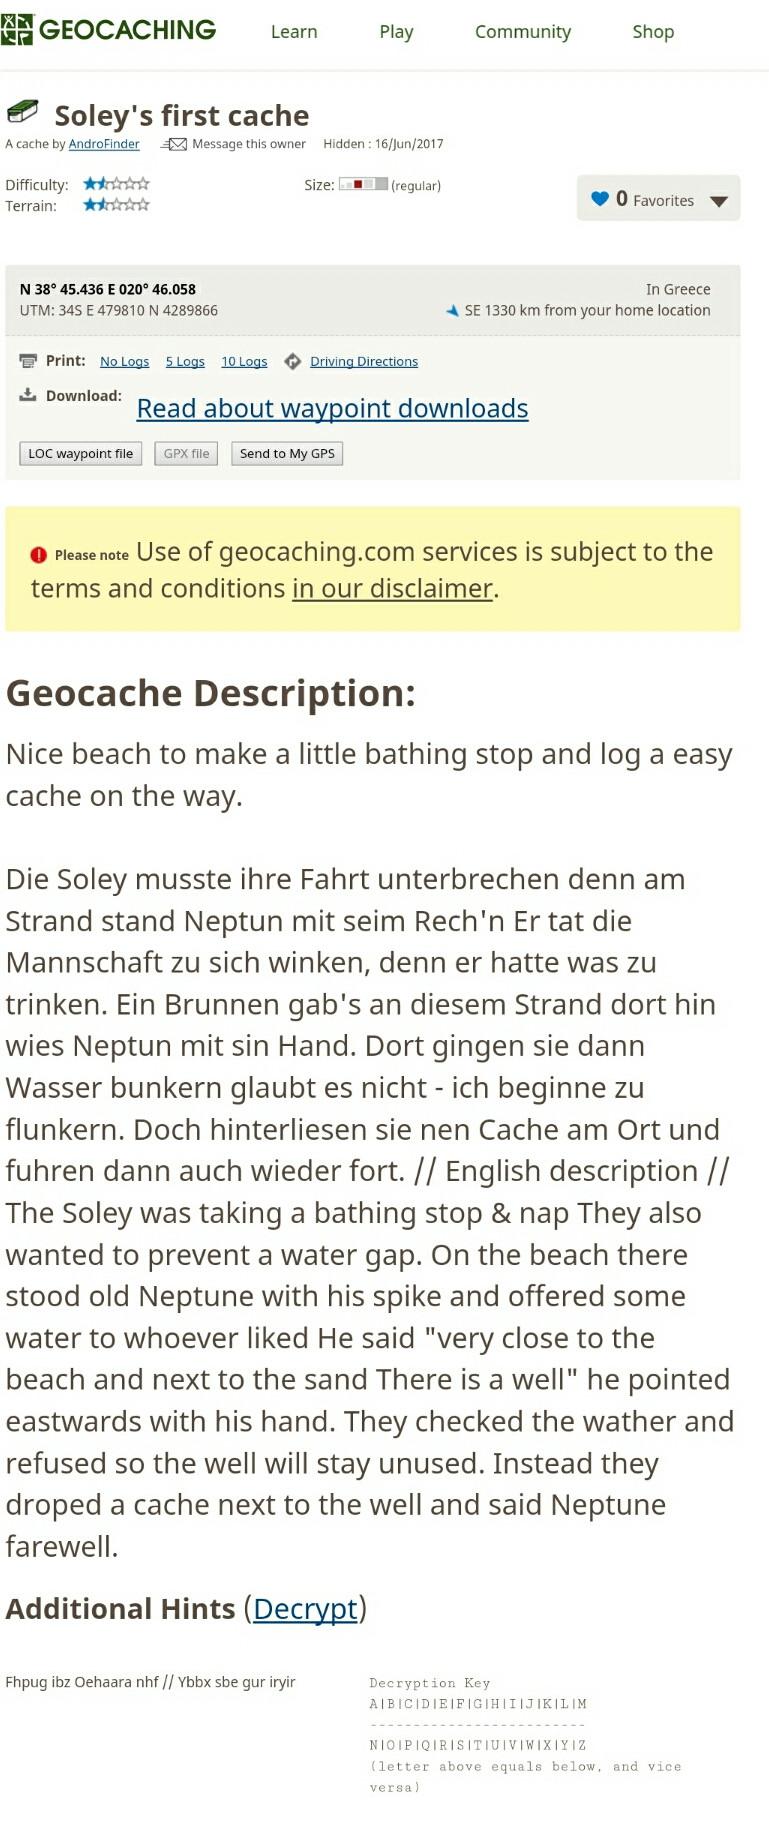 Unsere Schatzgeschichte in deutsch und englisch. Einfach fantastisch